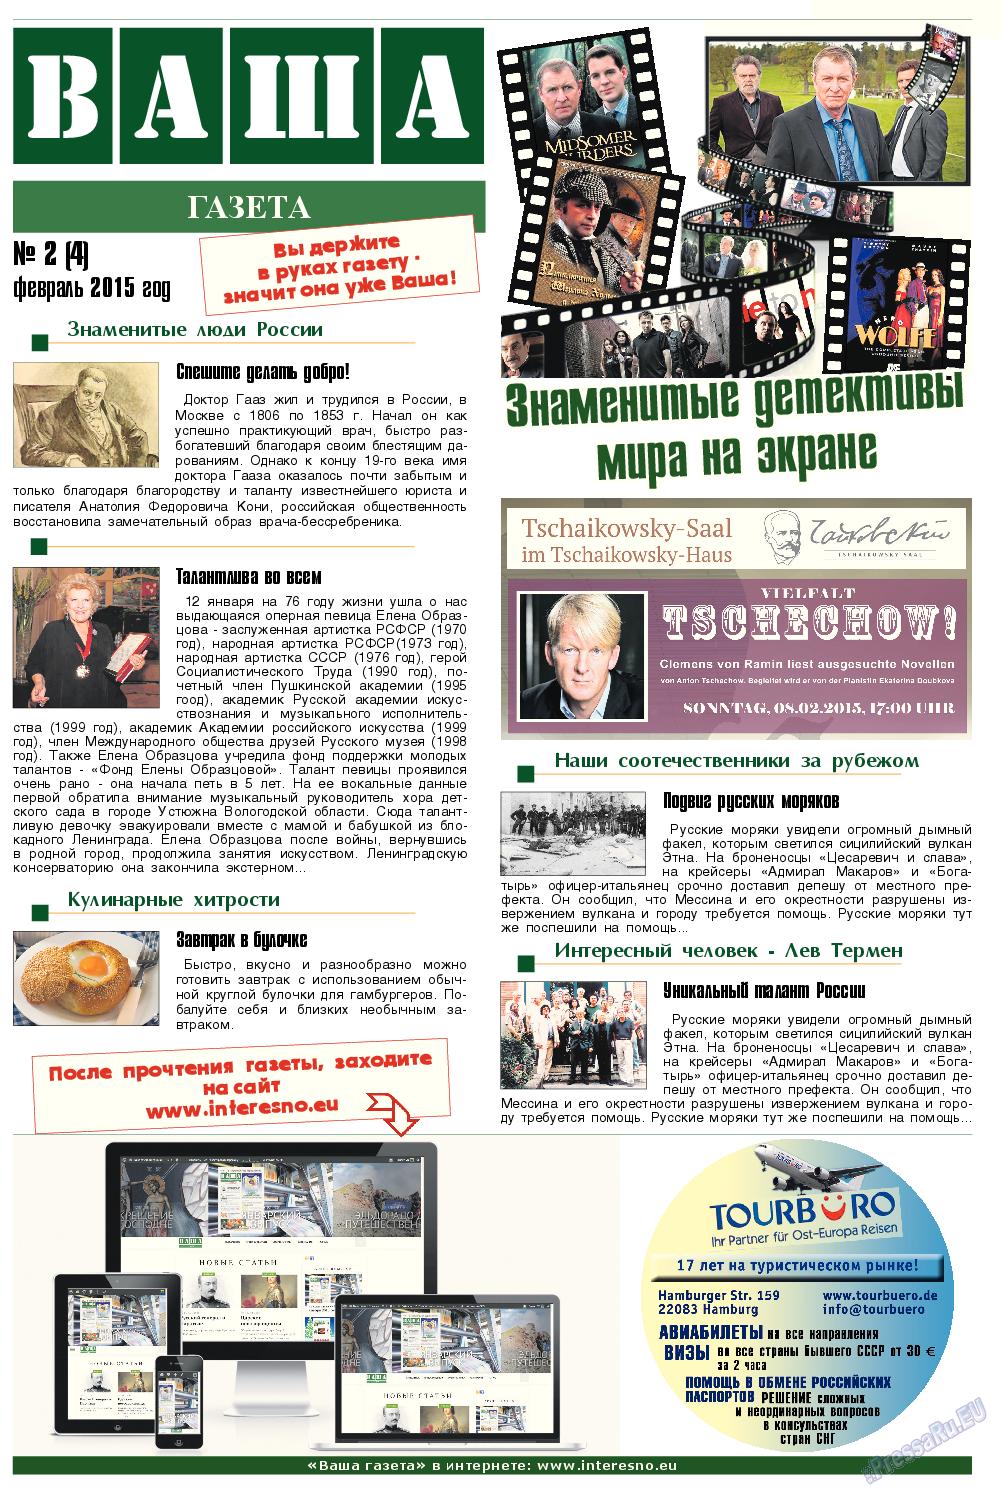 Ваша газета (газета). 2015 год, номер 2, стр. 1